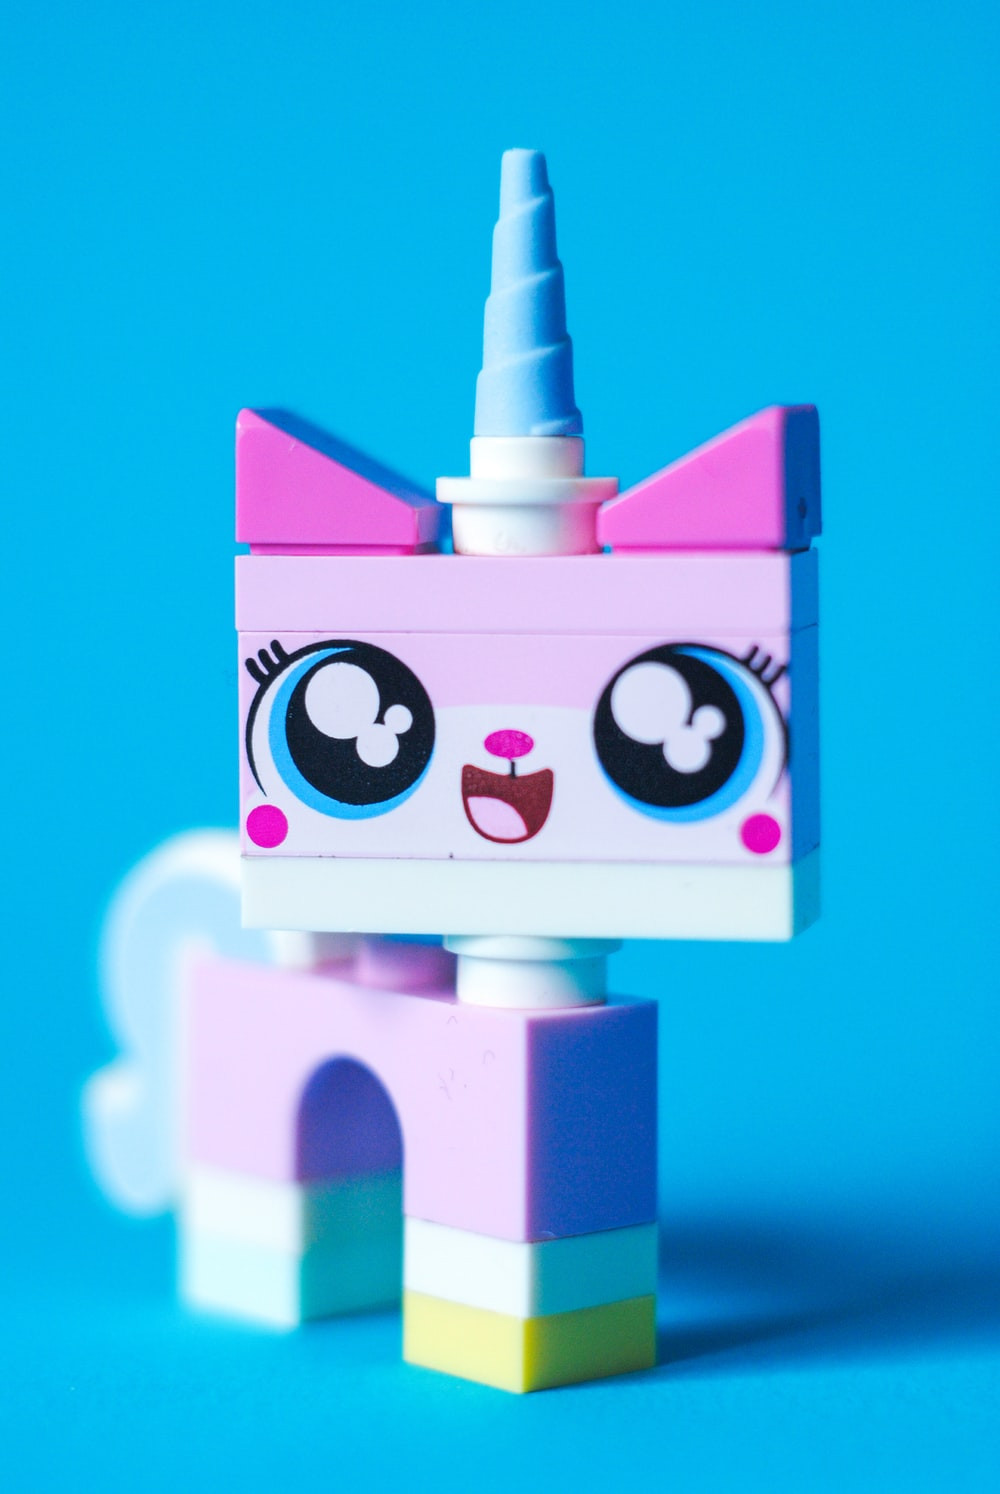 pink and white unicorn lego toy